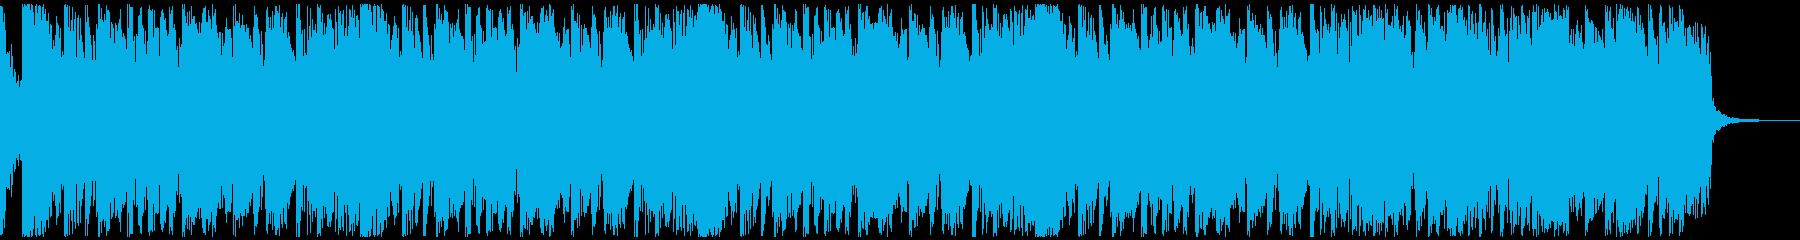 ロックンロール・ドライブ・バイク・疾走の再生済みの波形